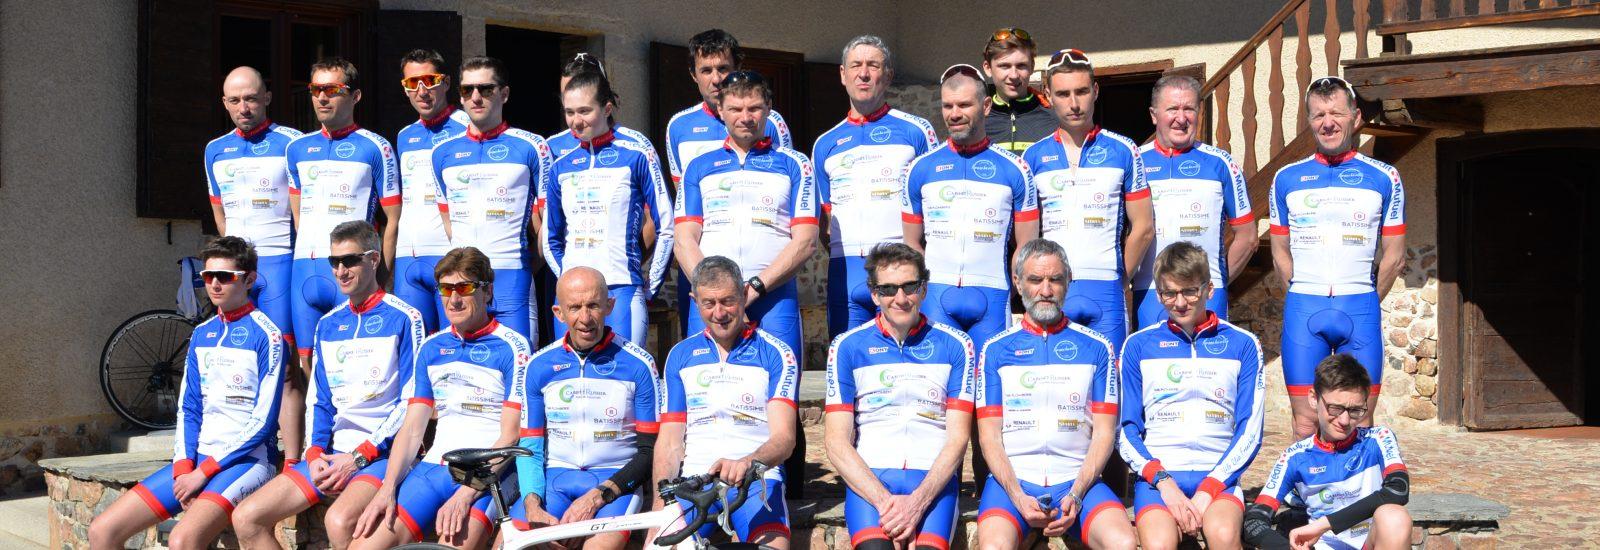 Le site officiel du vélo club de Francheville